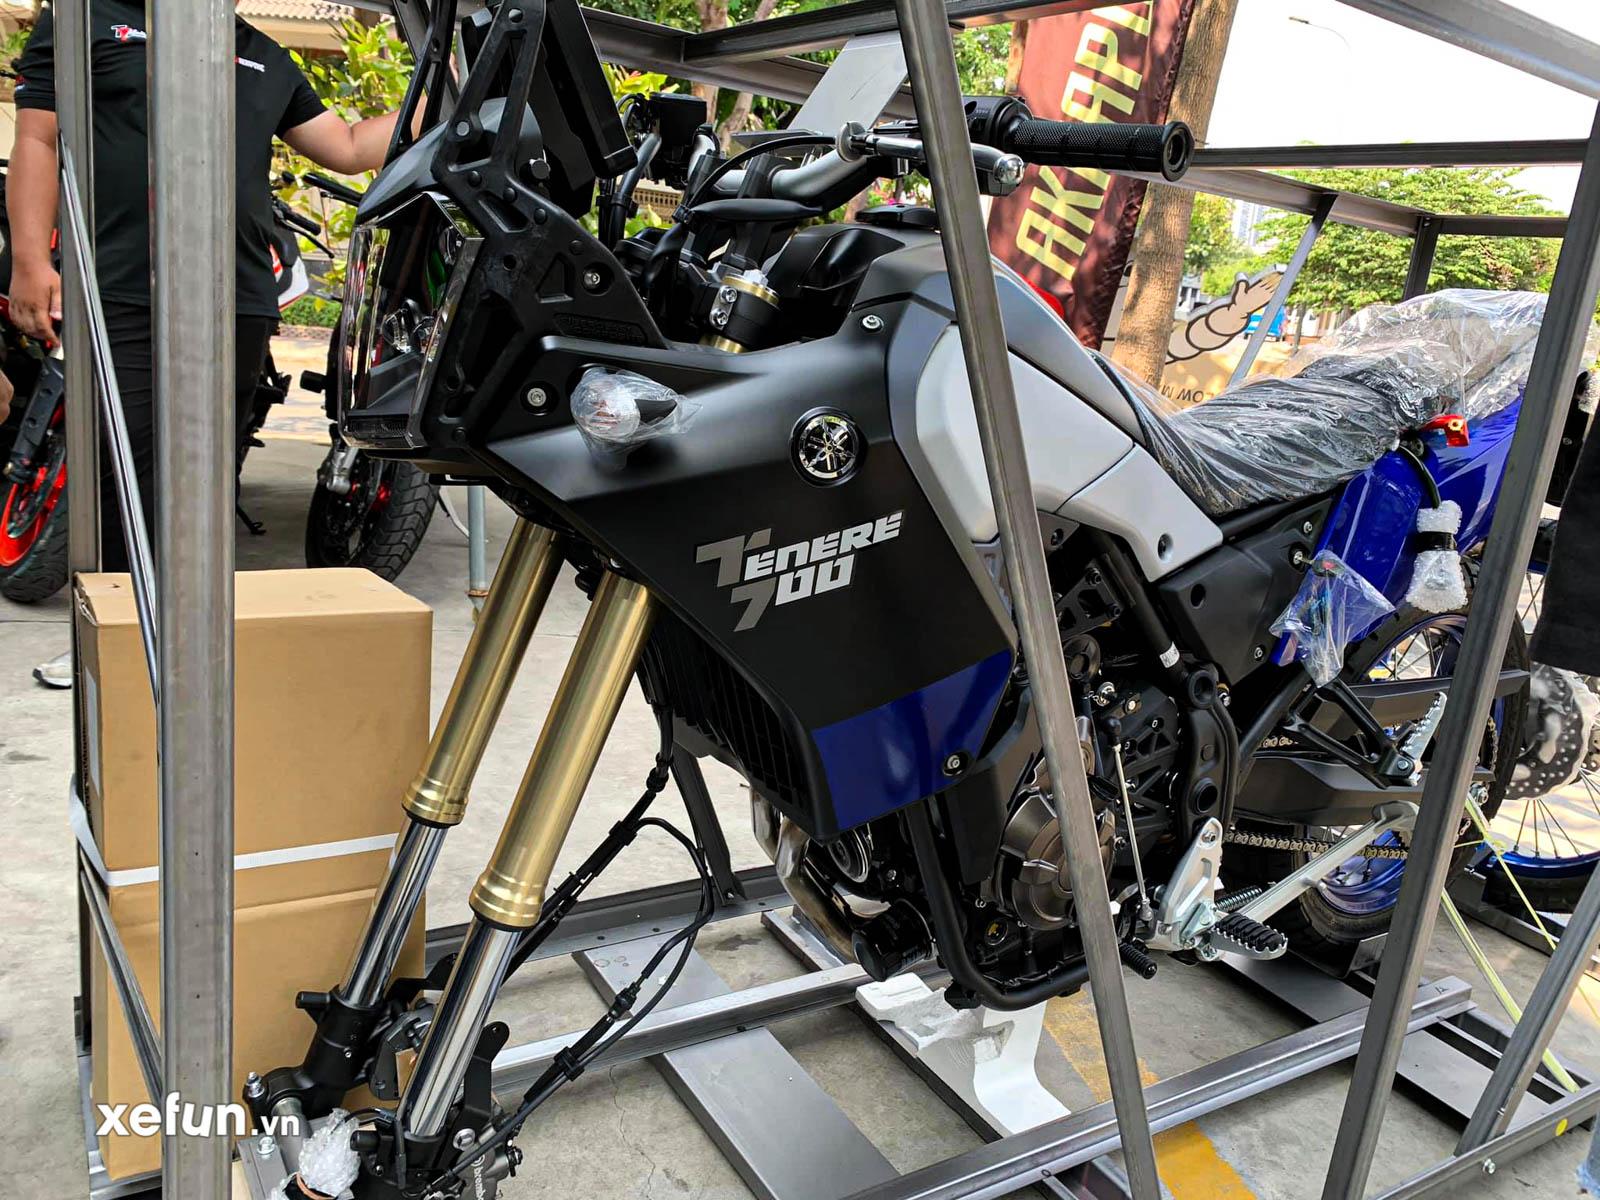 Giá bán Yamaha Tenere 700 2021 kèm thông số Việt Nam trên Xefun - 3t45